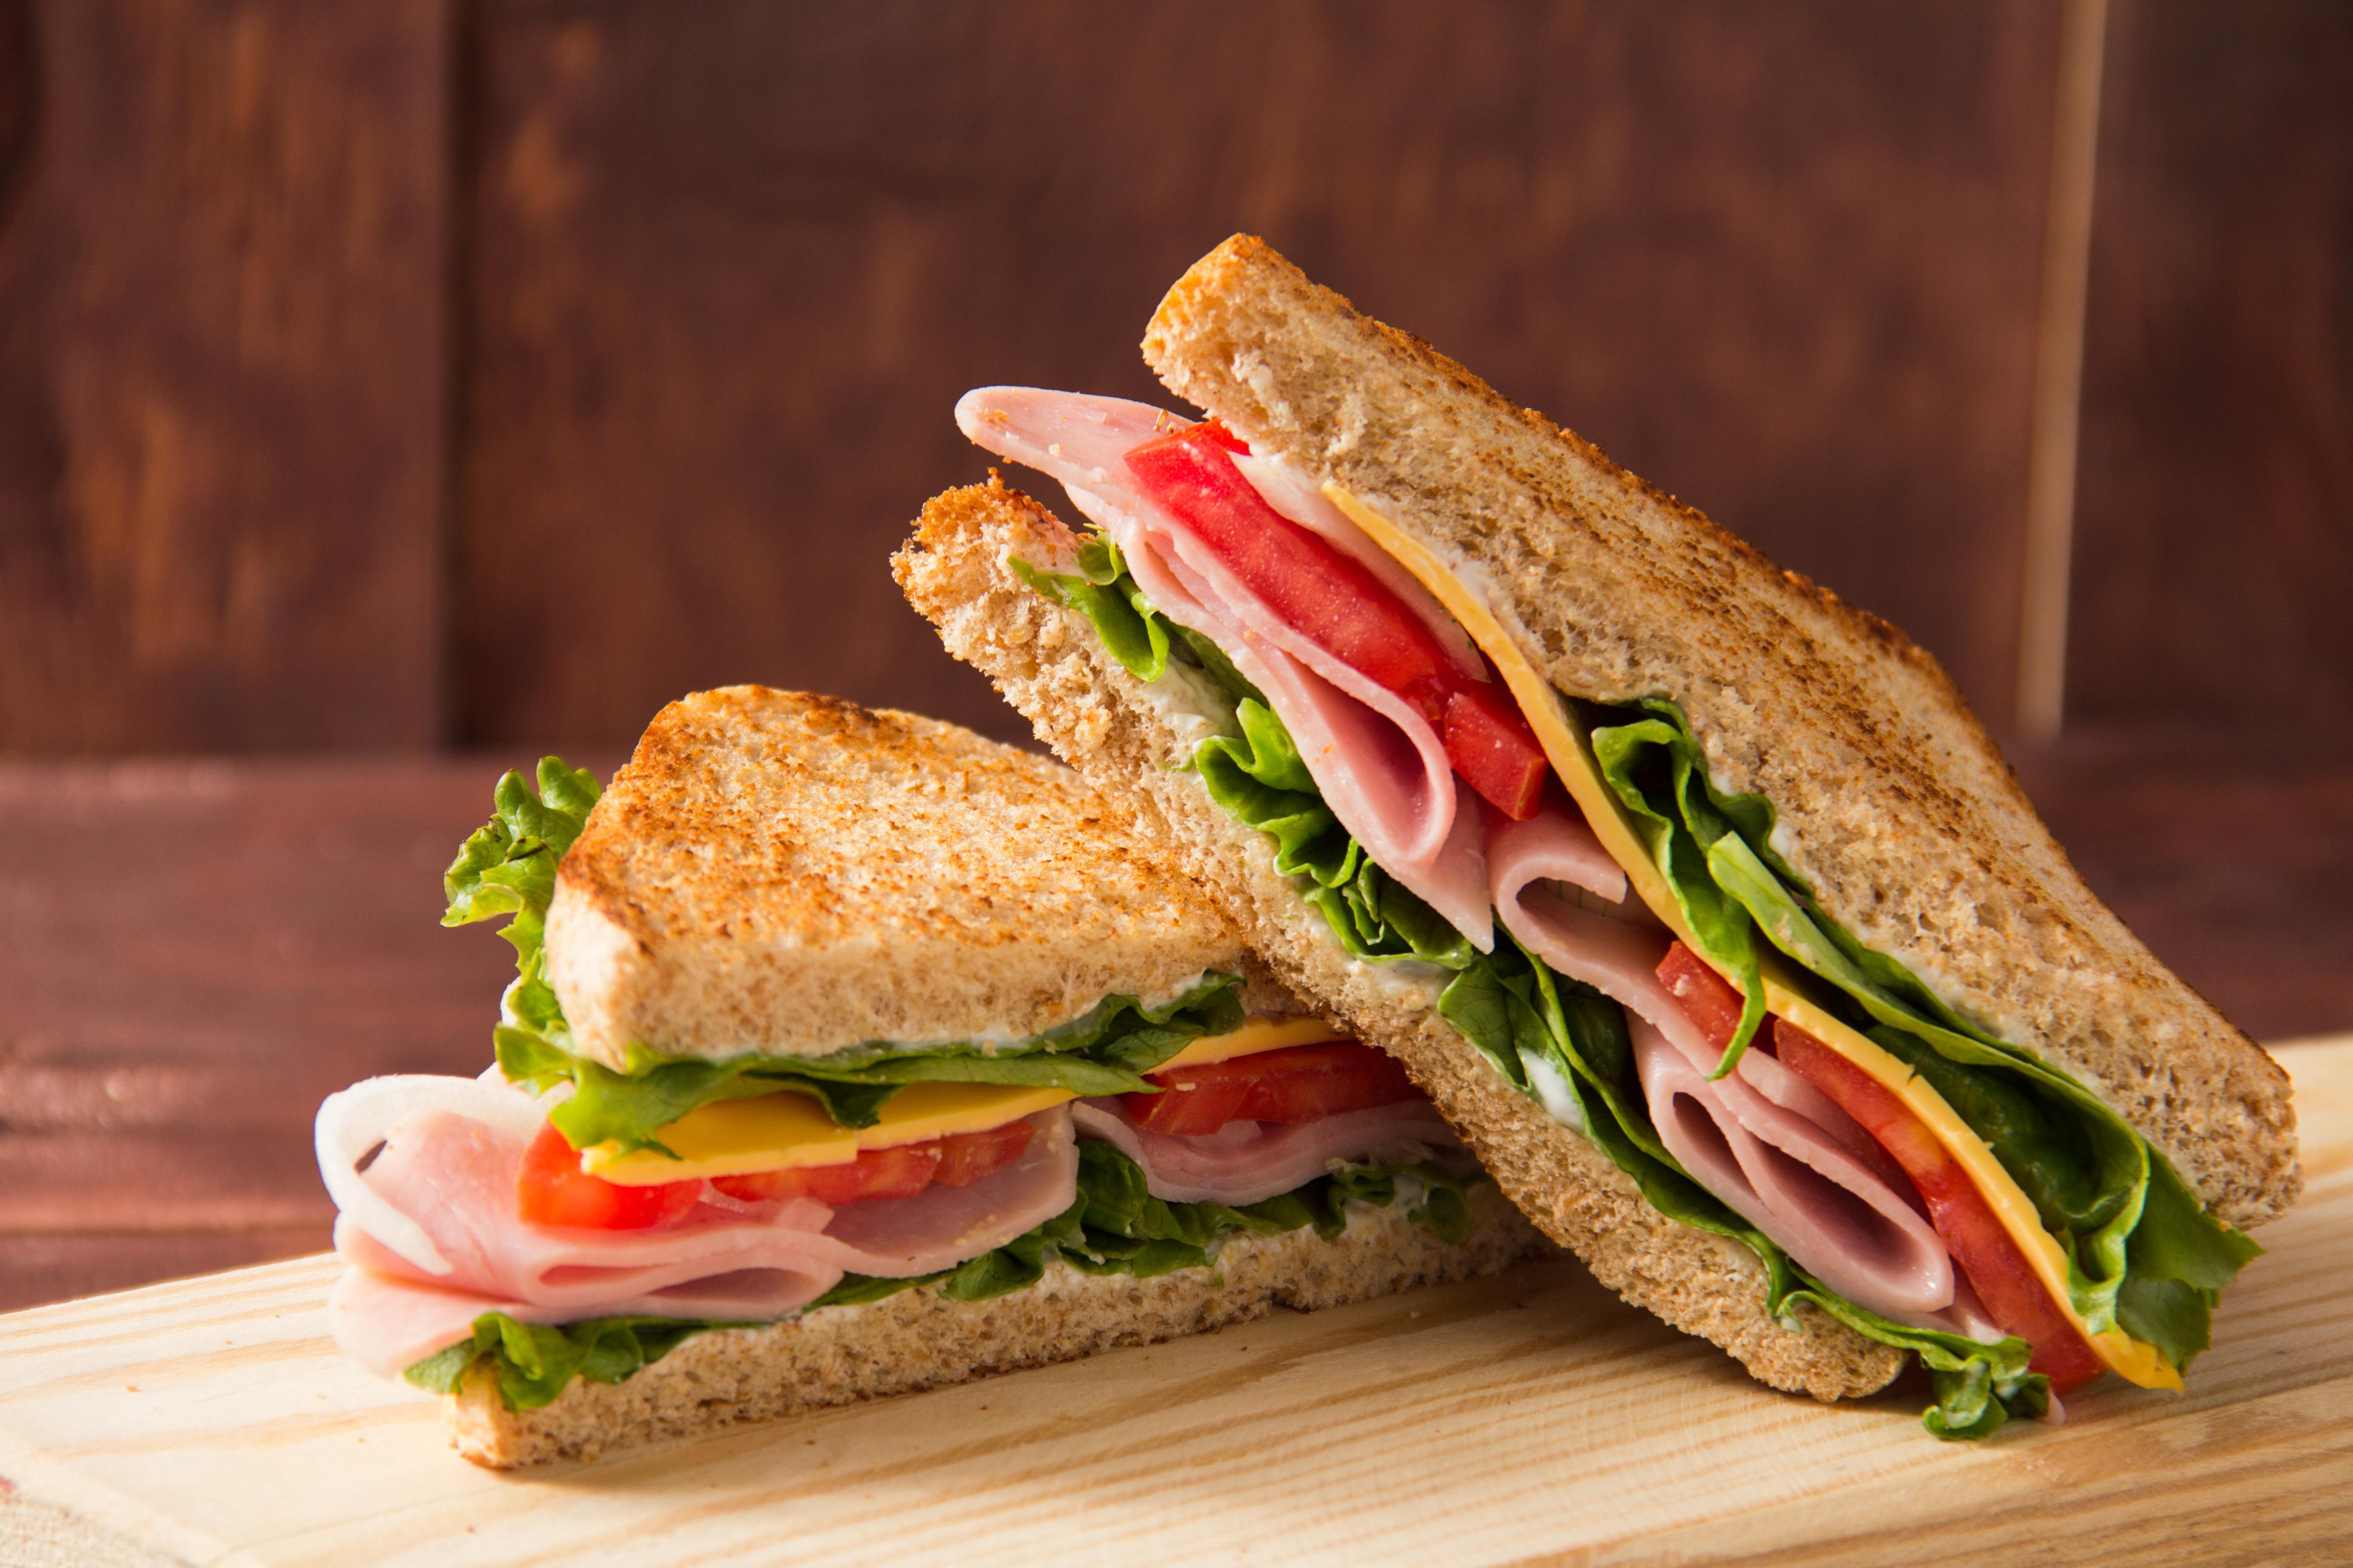 サンドイッチはワインとの相性が抜群!組み合わせたいワインも紹介